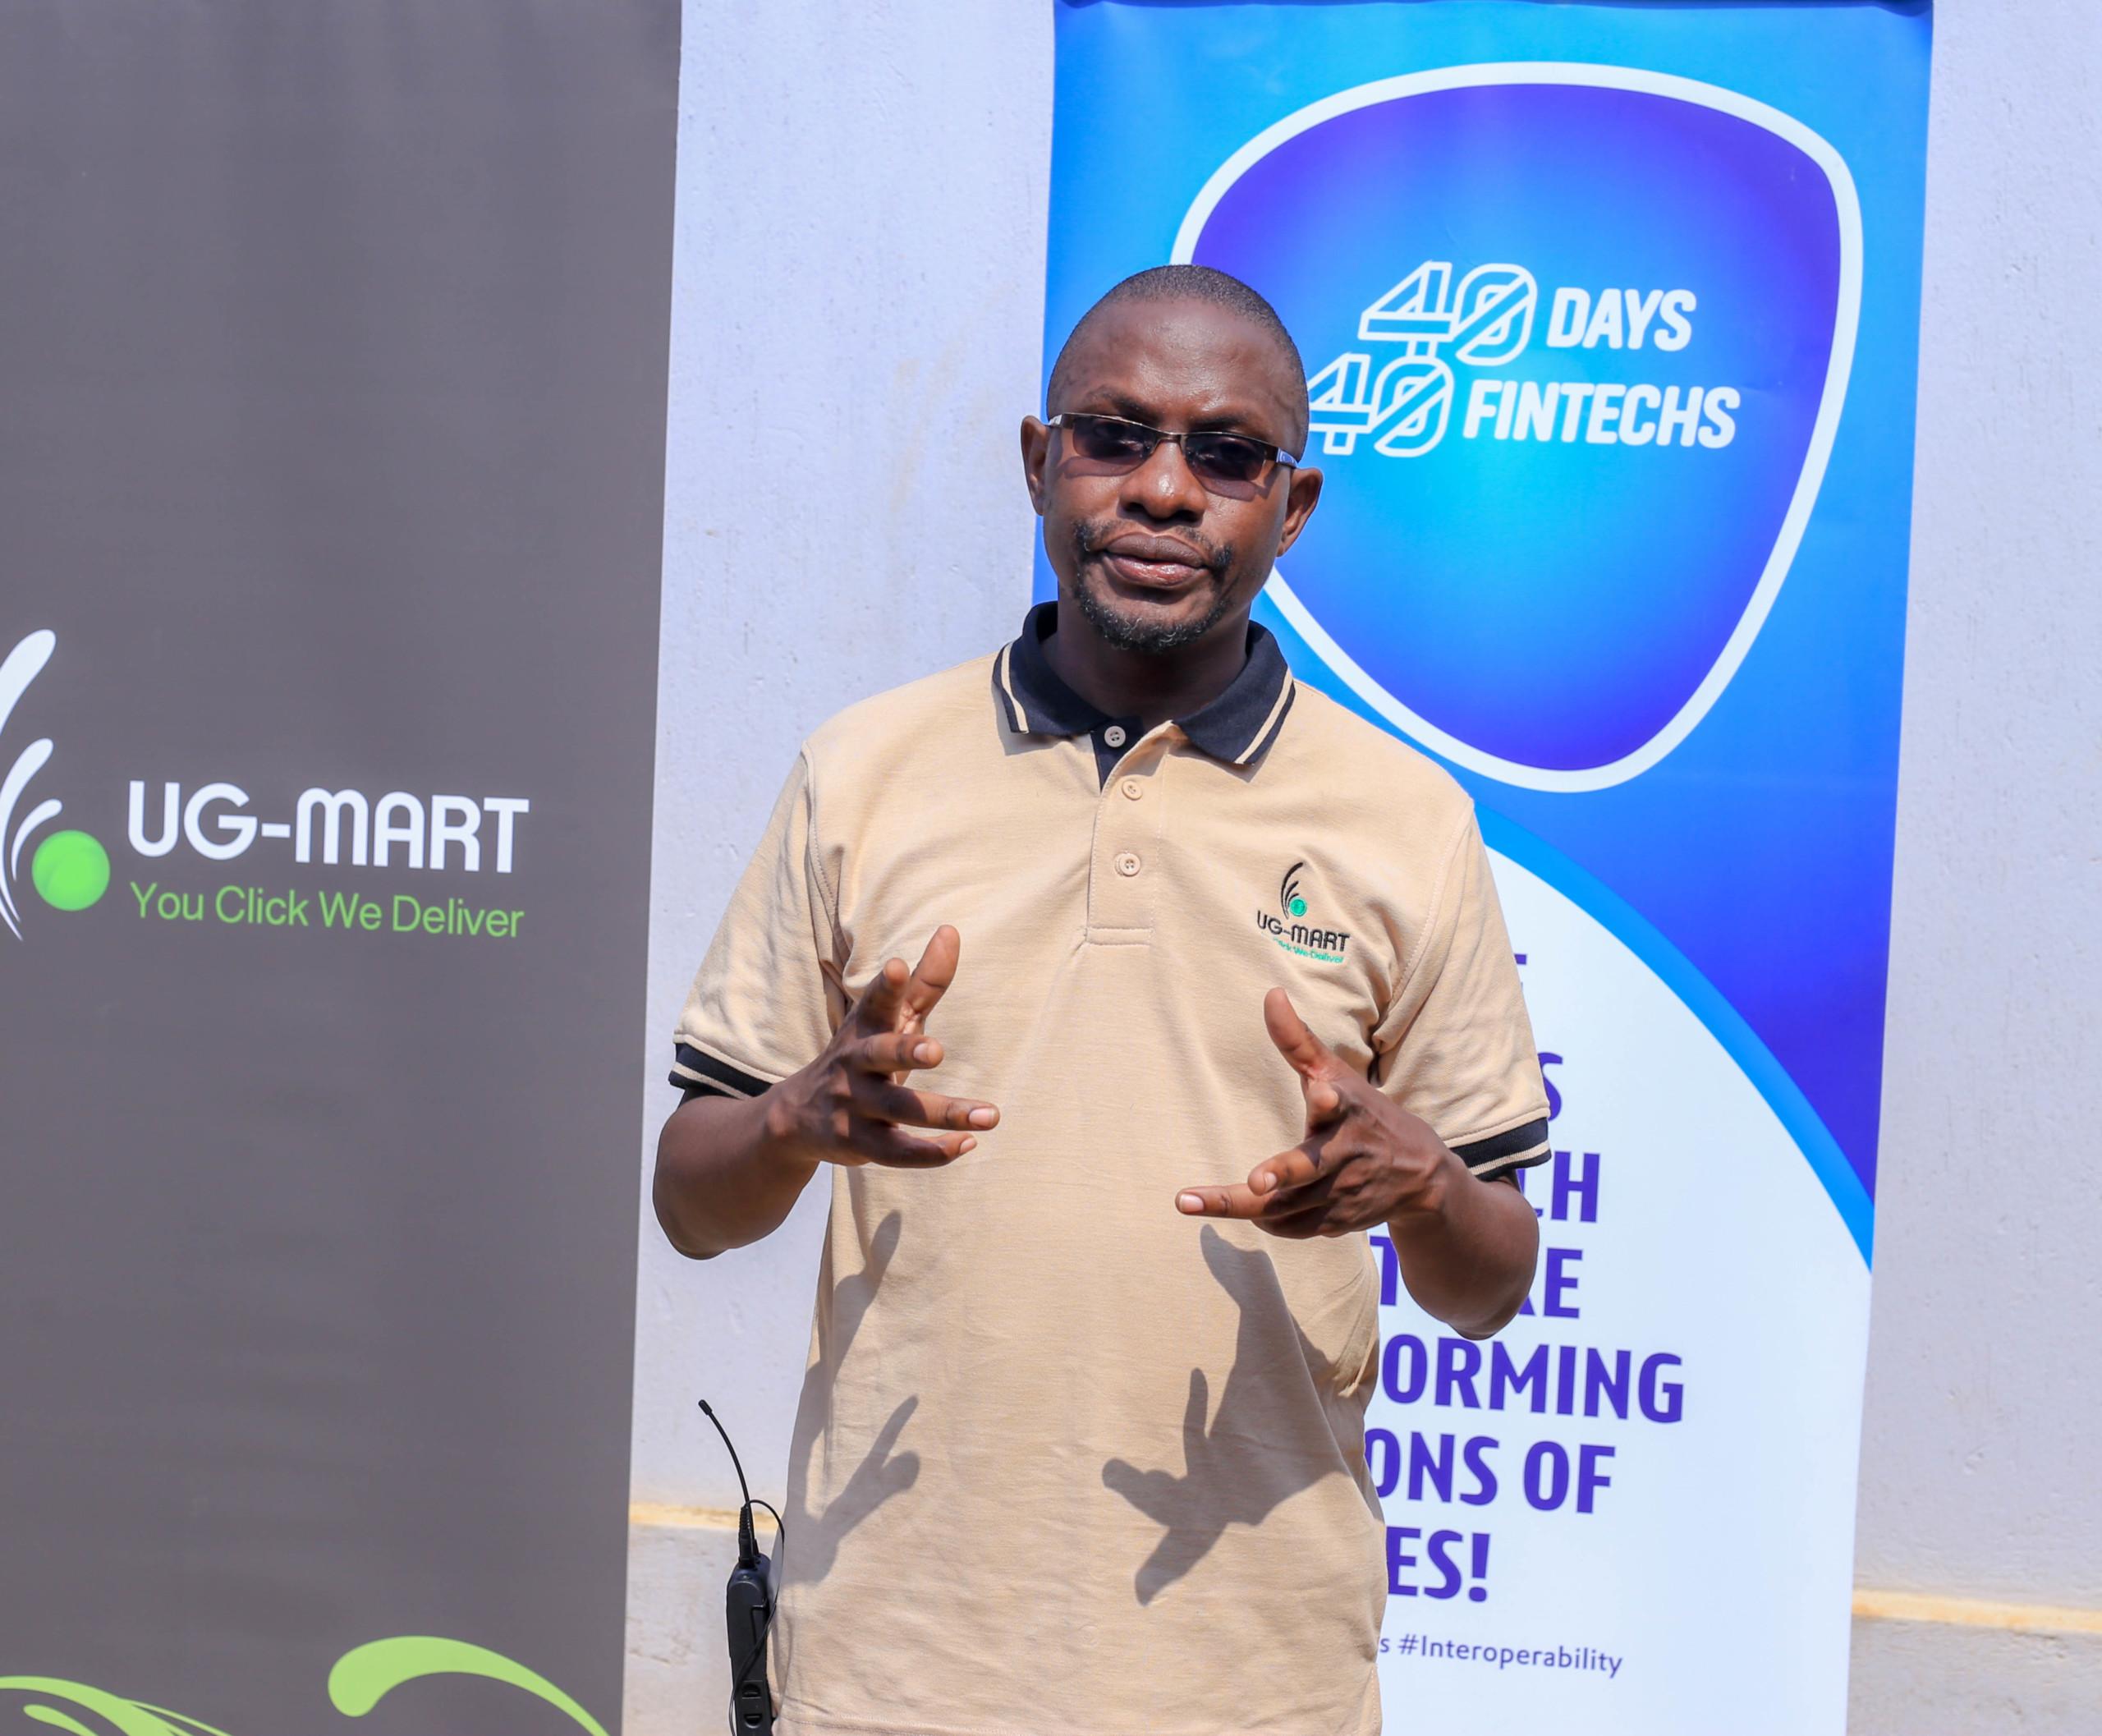 UG-Mart Chief Executive Officer Patrick Kizito (PHOTO /Courtesy)